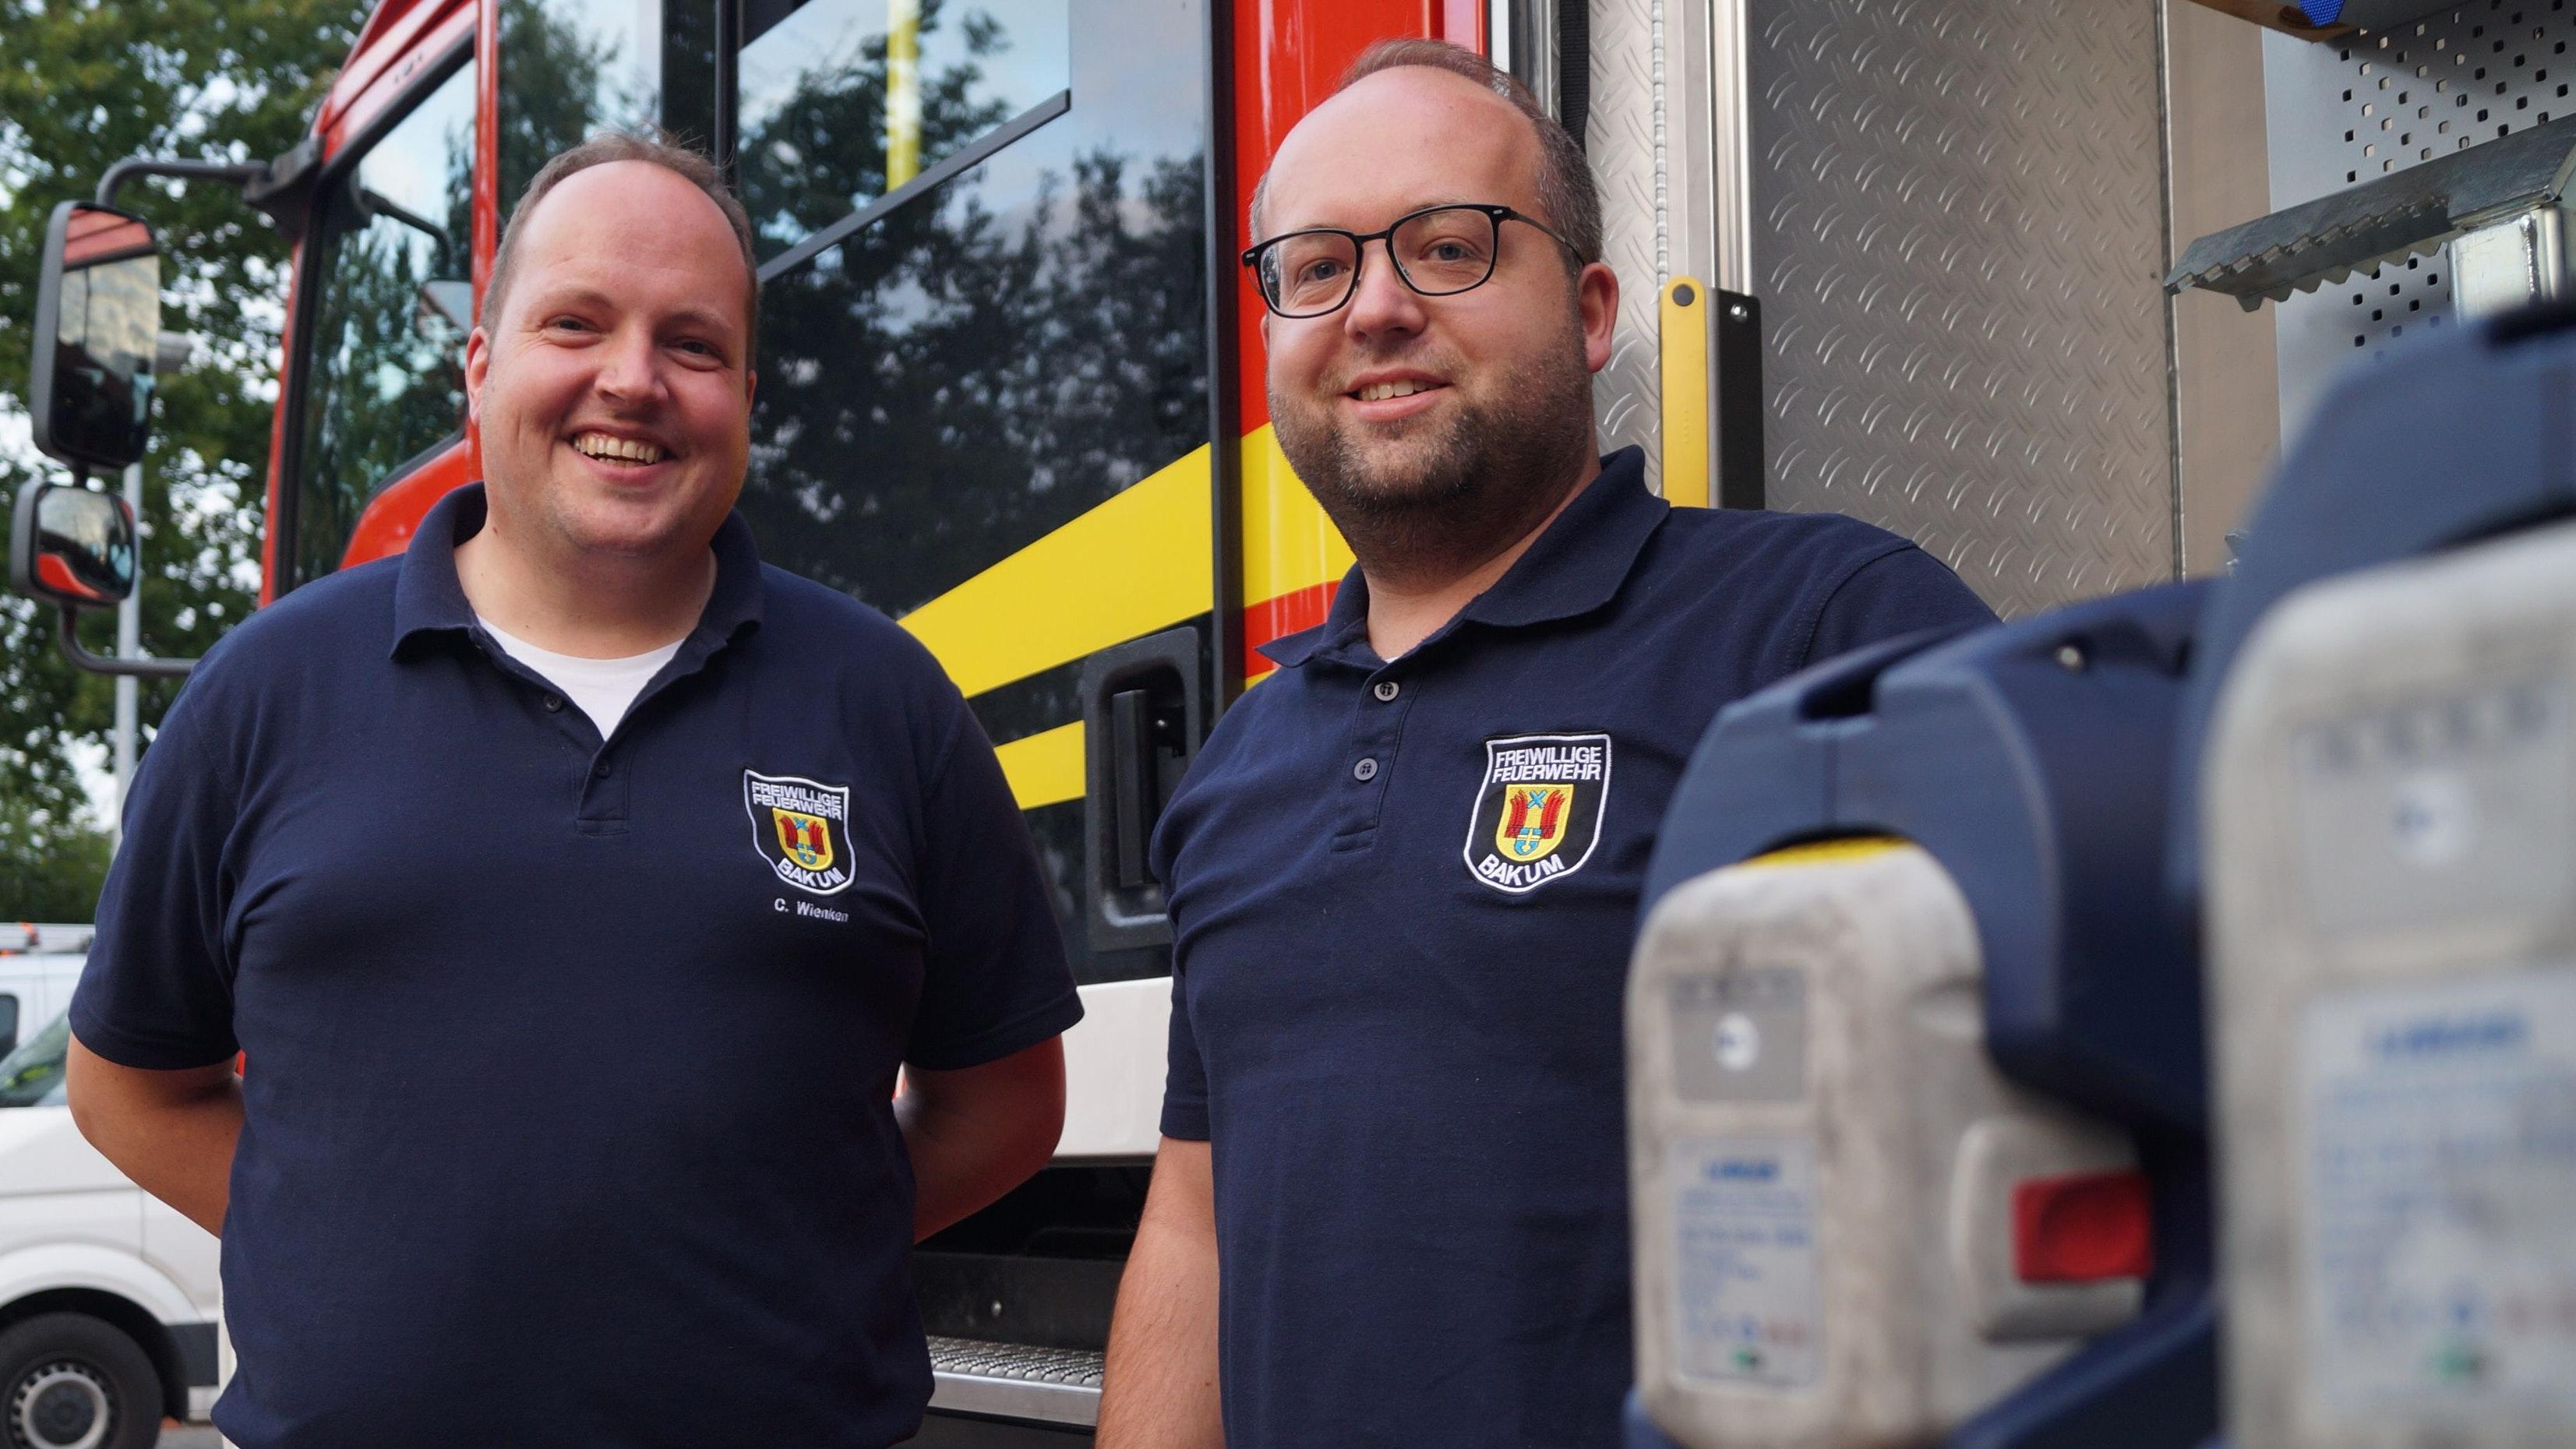 Engagieren sich gerne: Christian Wienken (links) und Daniel Kenkel sind die Bakumer Ortsbrandmeister. Foto: C. Meyer